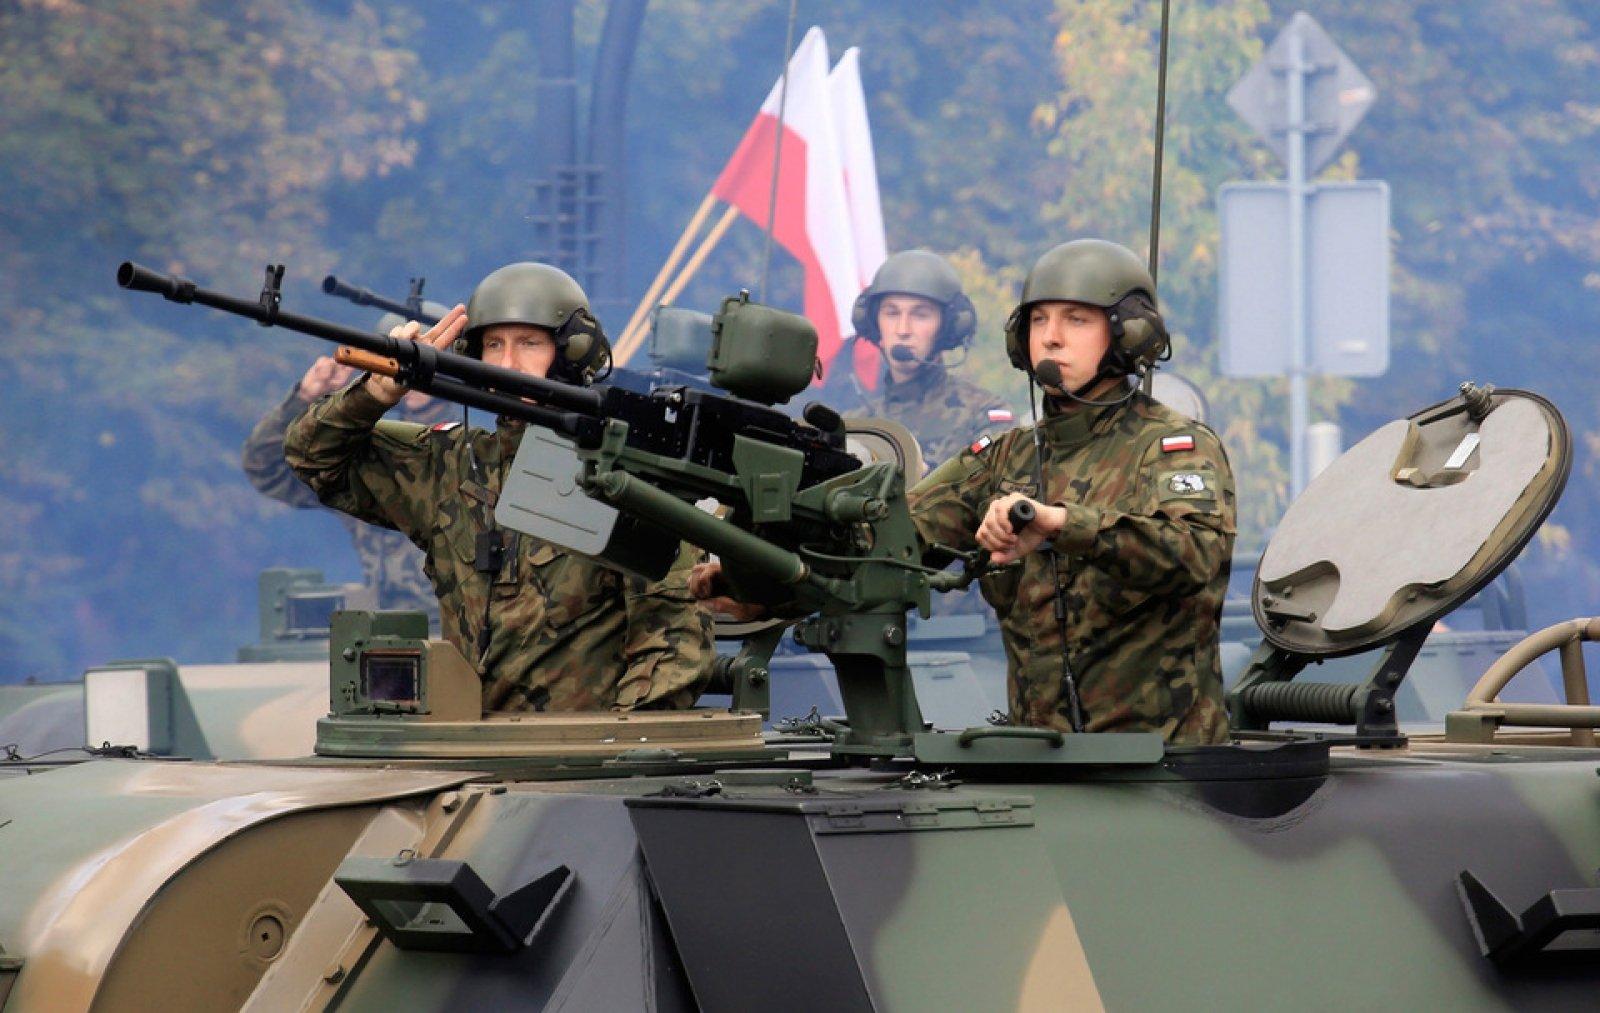 ВПольше проходят военные учения НАТО Dragon